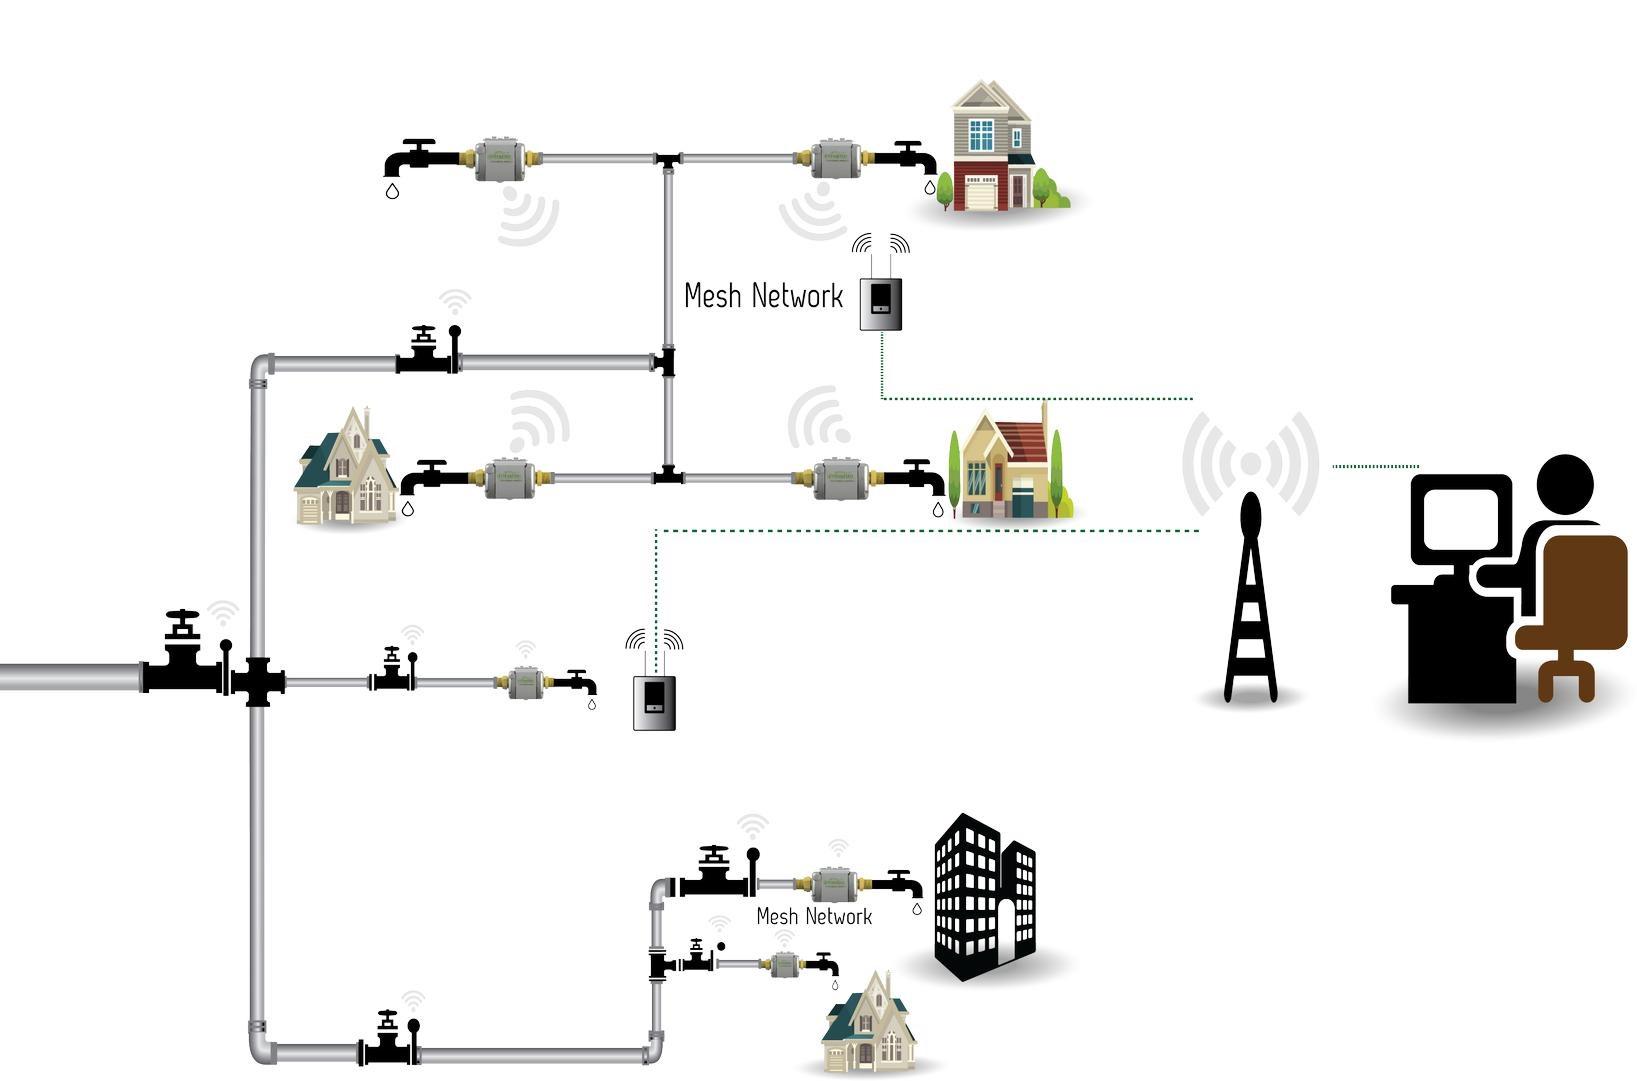 water meter wiring diagram enthusiast wiring diagrams u2022 rh rasalibre co water meter installation diagram water meter wiring diagram